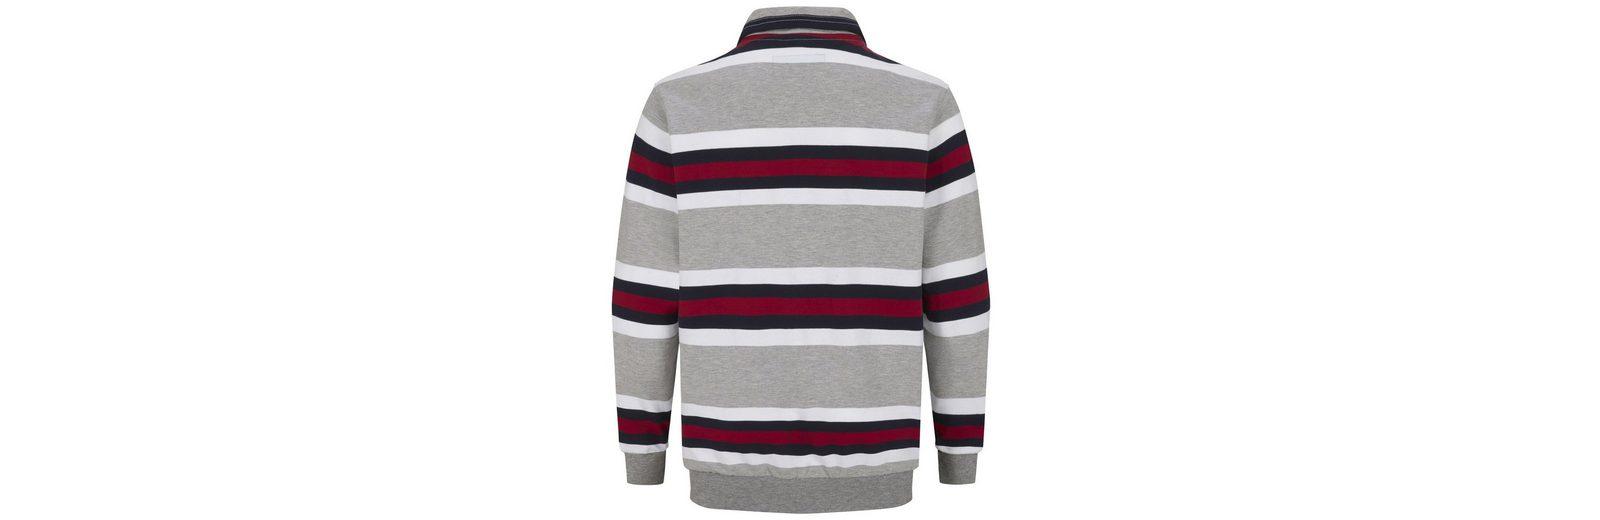 Billig Verkauf Komfortabel Günstige Spielraum Jan Vanderstorm Sweatshirt HAGBARD Mit Paypal xLvt1Almcr